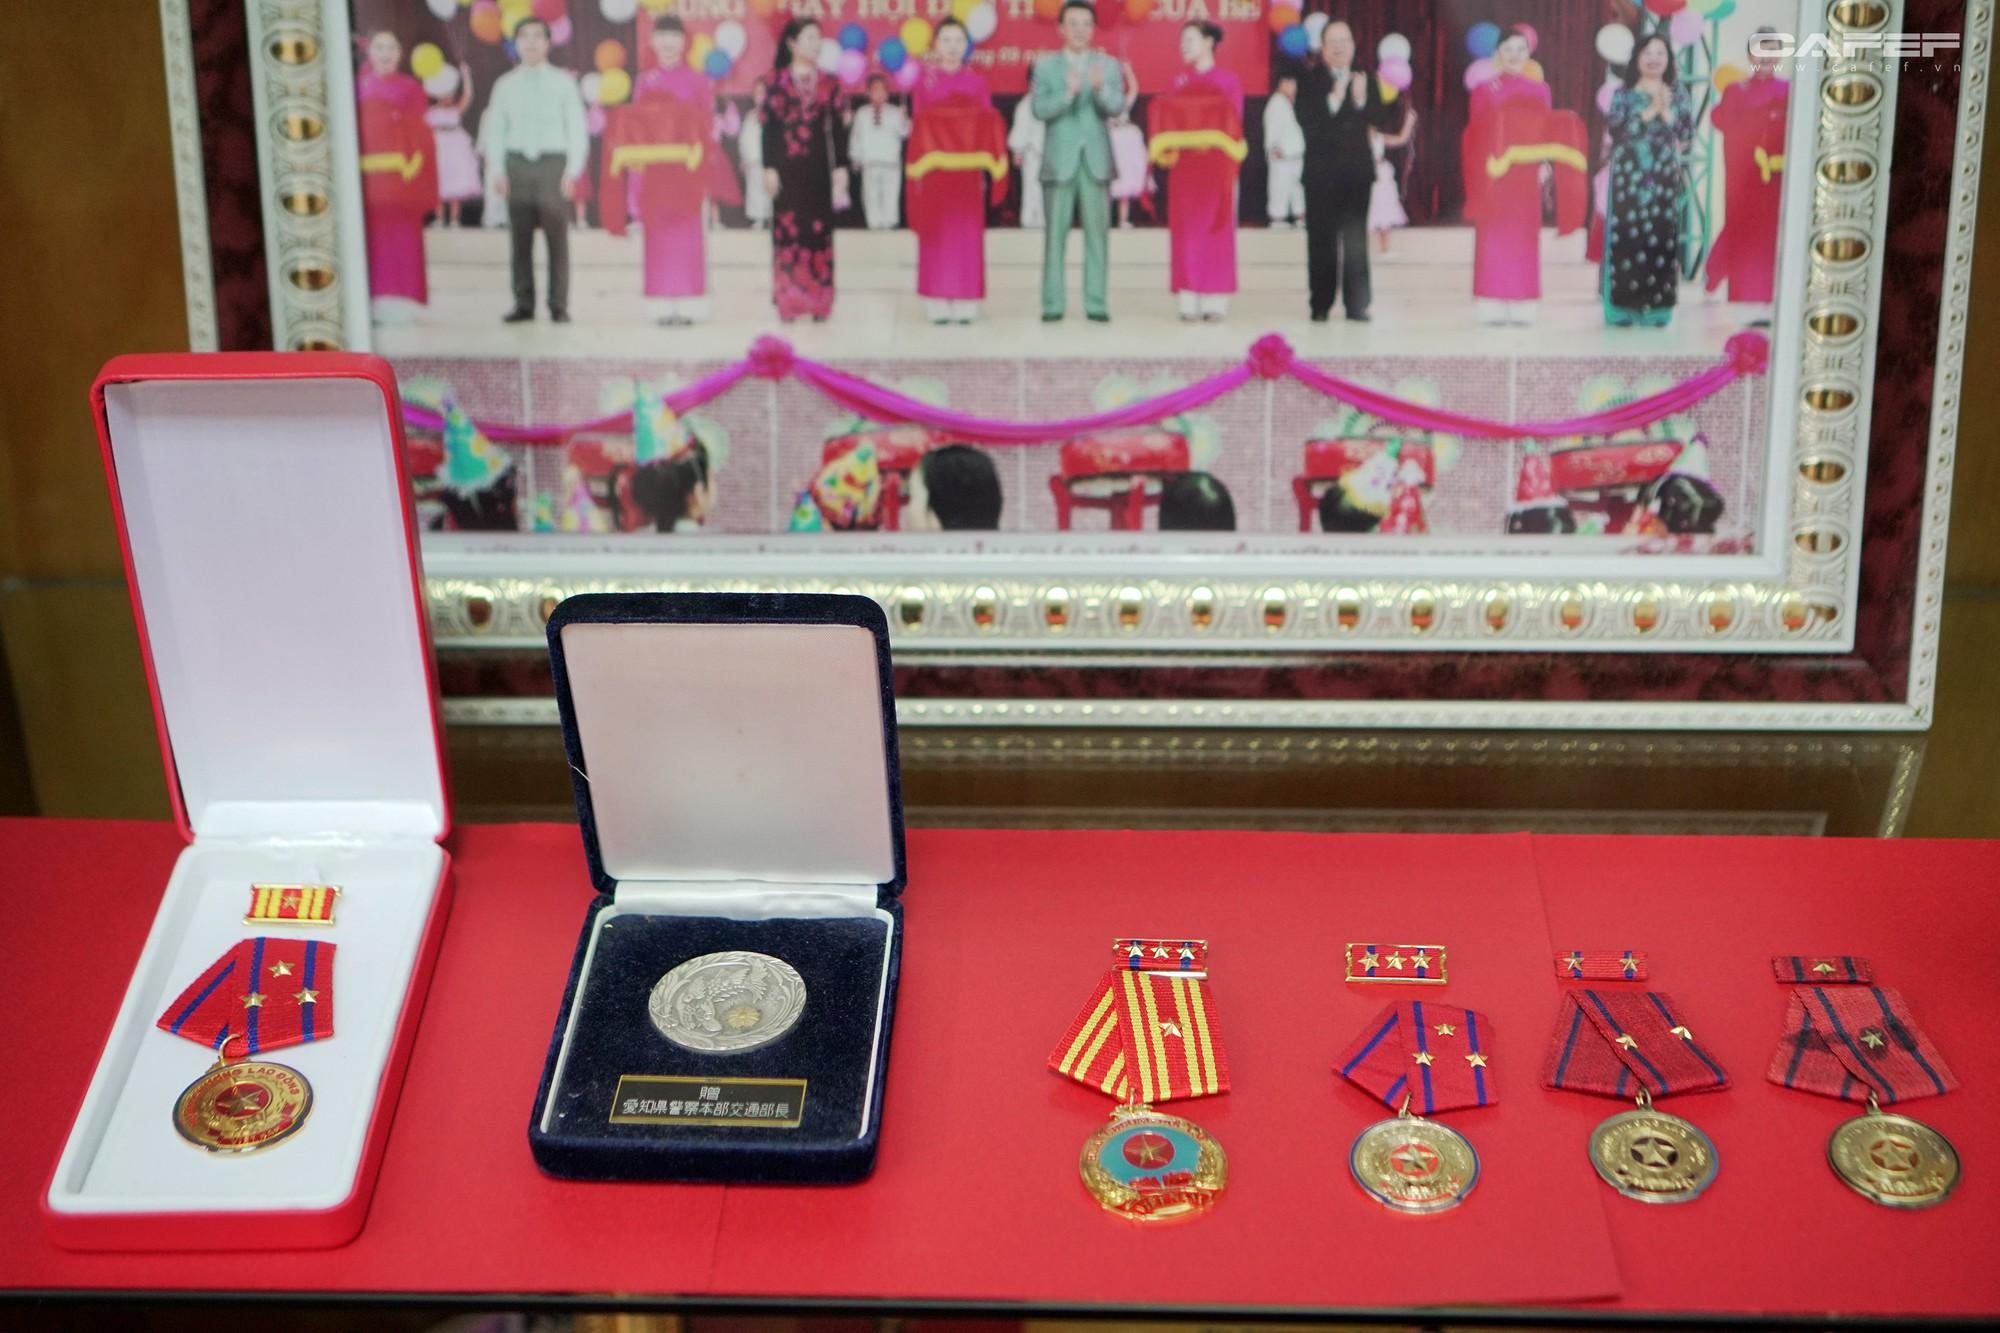 Ký ức ngọt ngào về Triều Tiên của ngôi trường mẫu giáo đặc biệt ở Hà Nội - Ảnh 10.